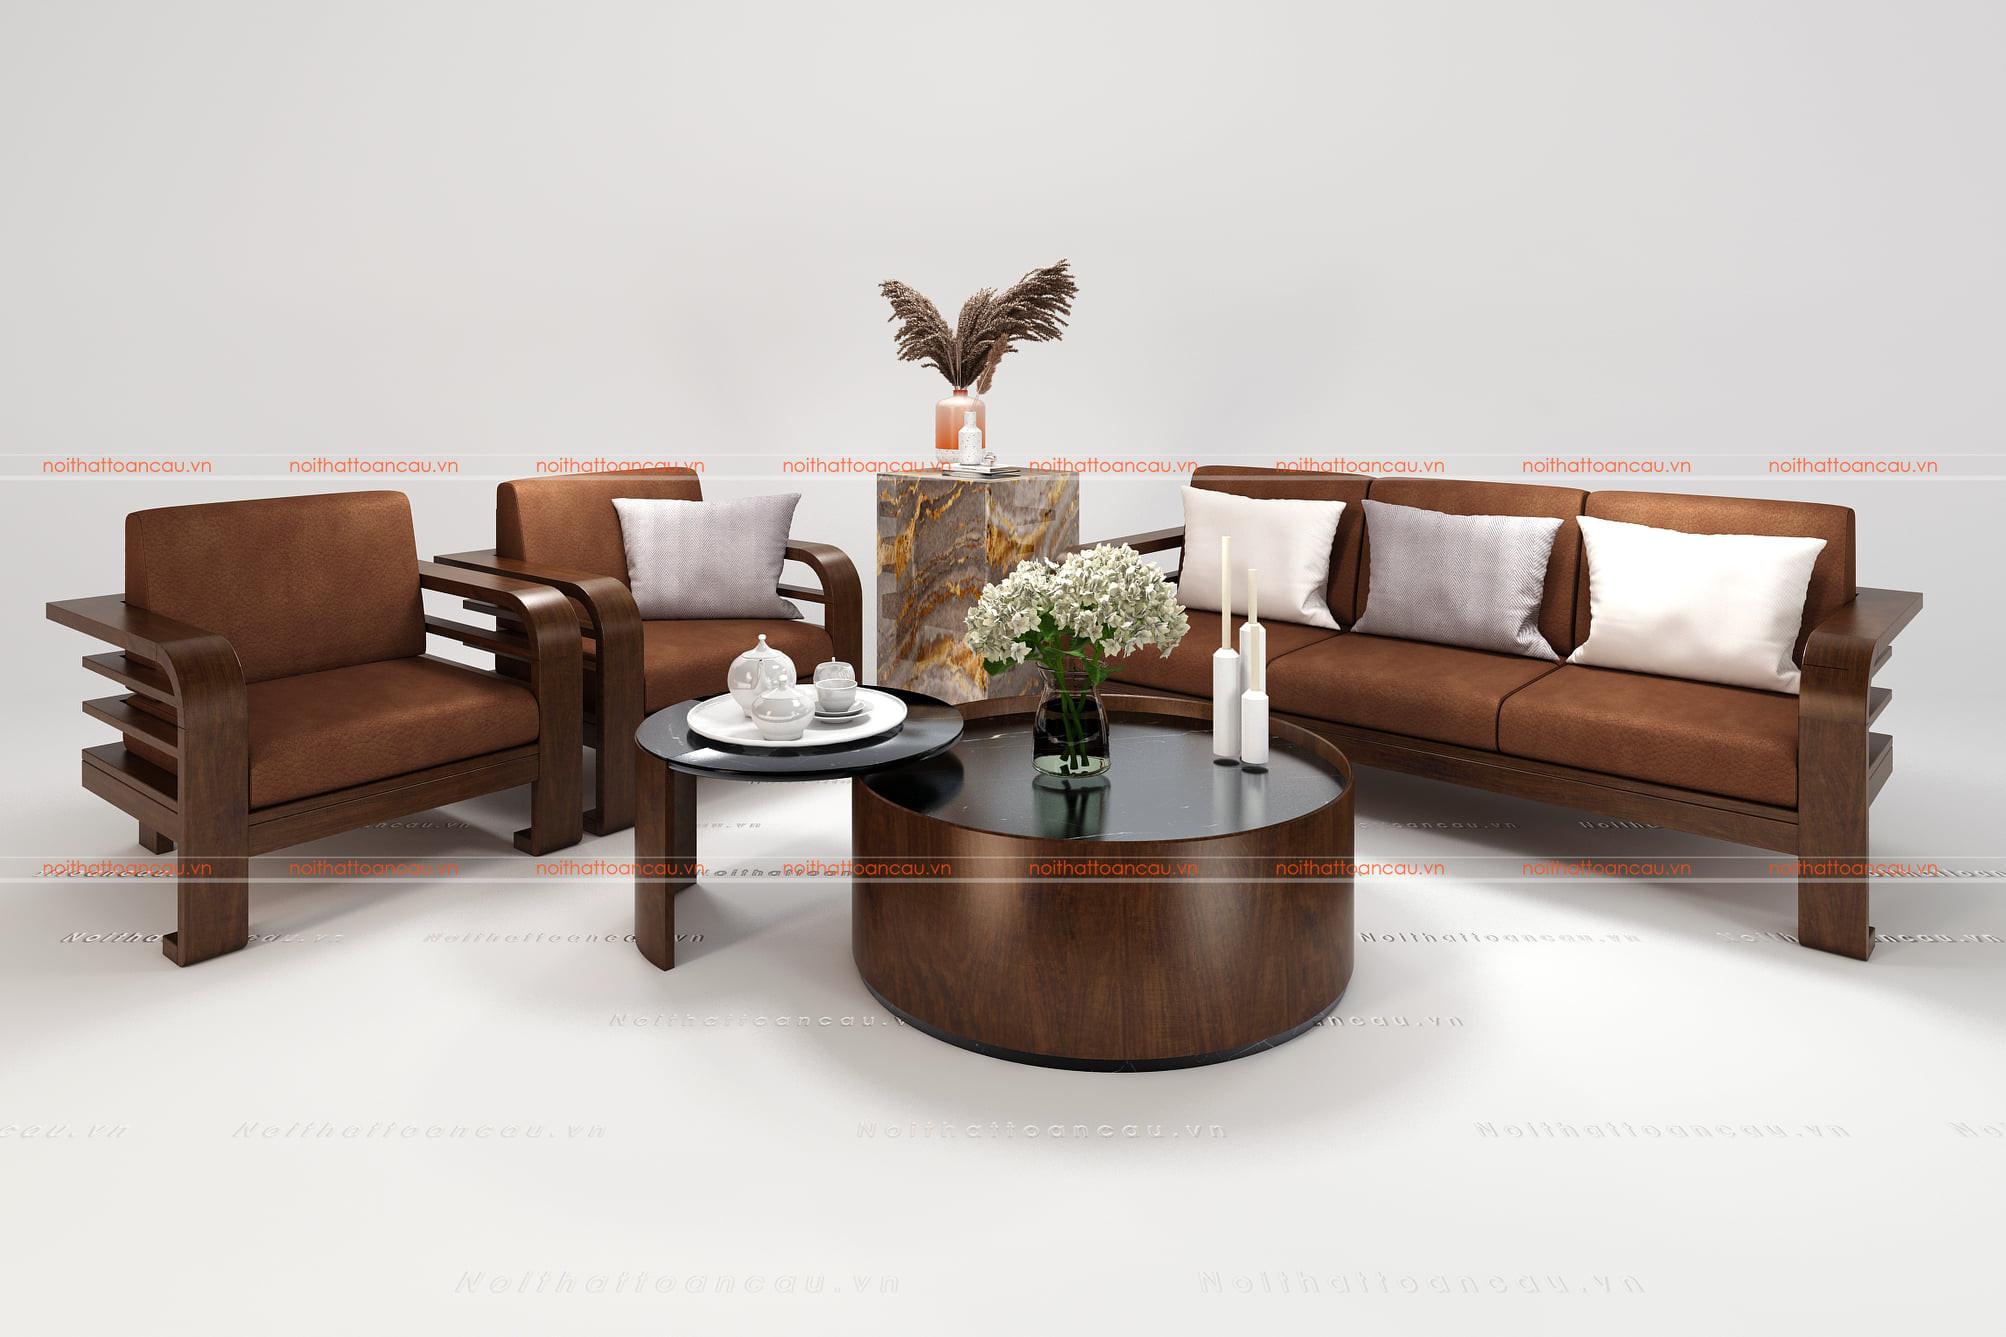 Bàn ghế gỗ gụ hiện đại  8